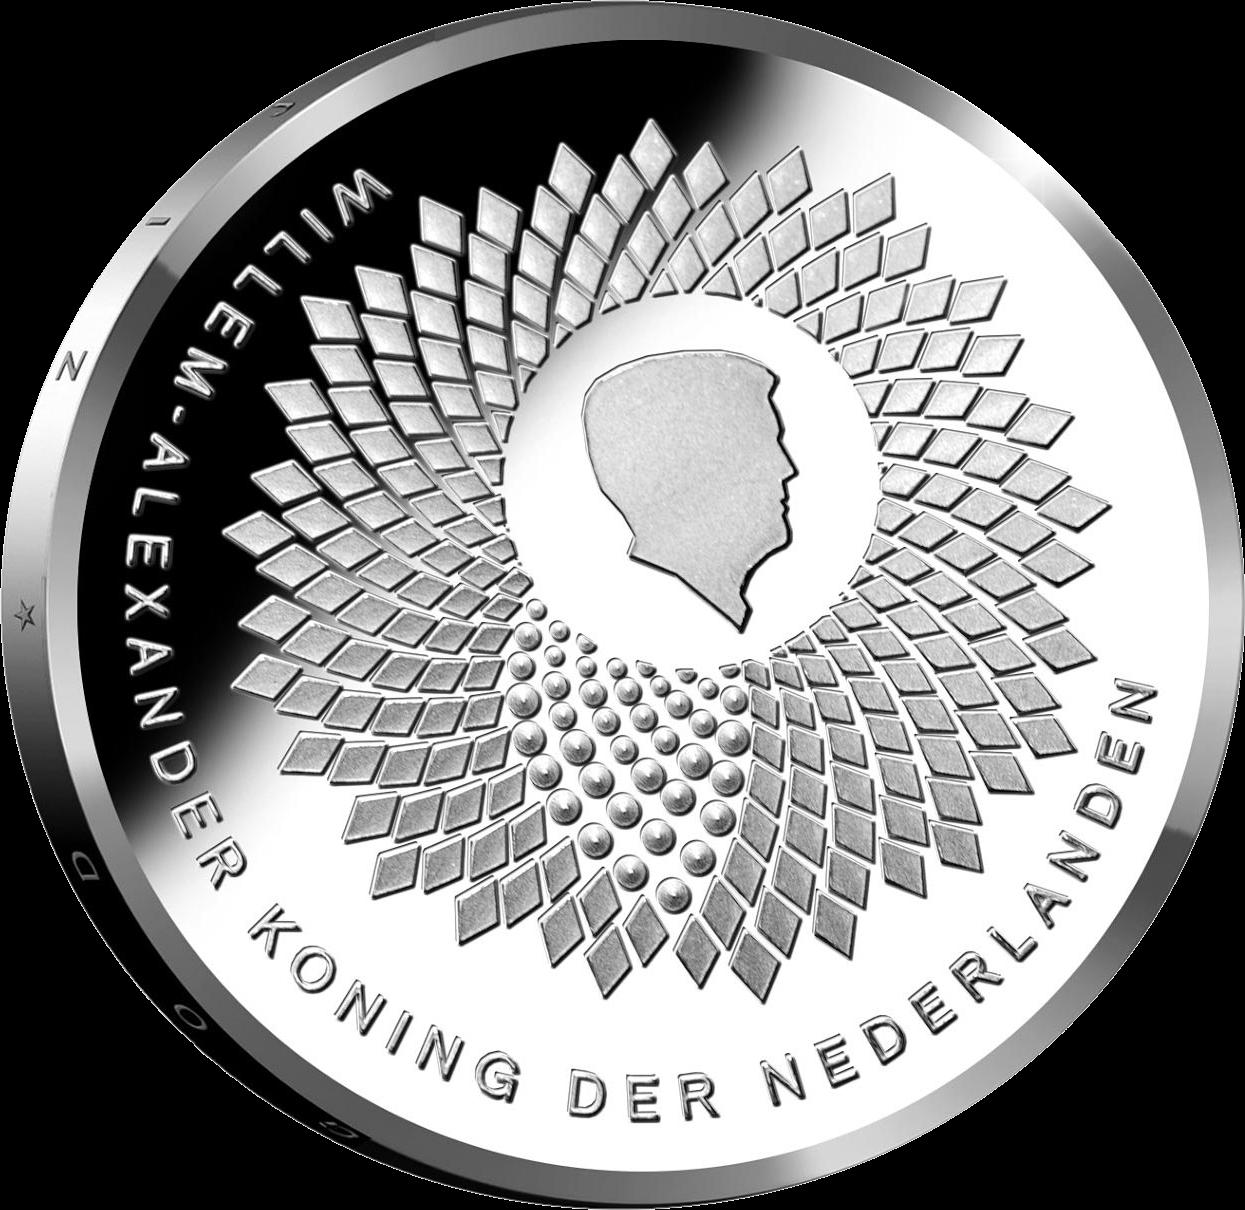 Нидерланды монета 5 евро 100-летие Университета Вагенингена, аверс